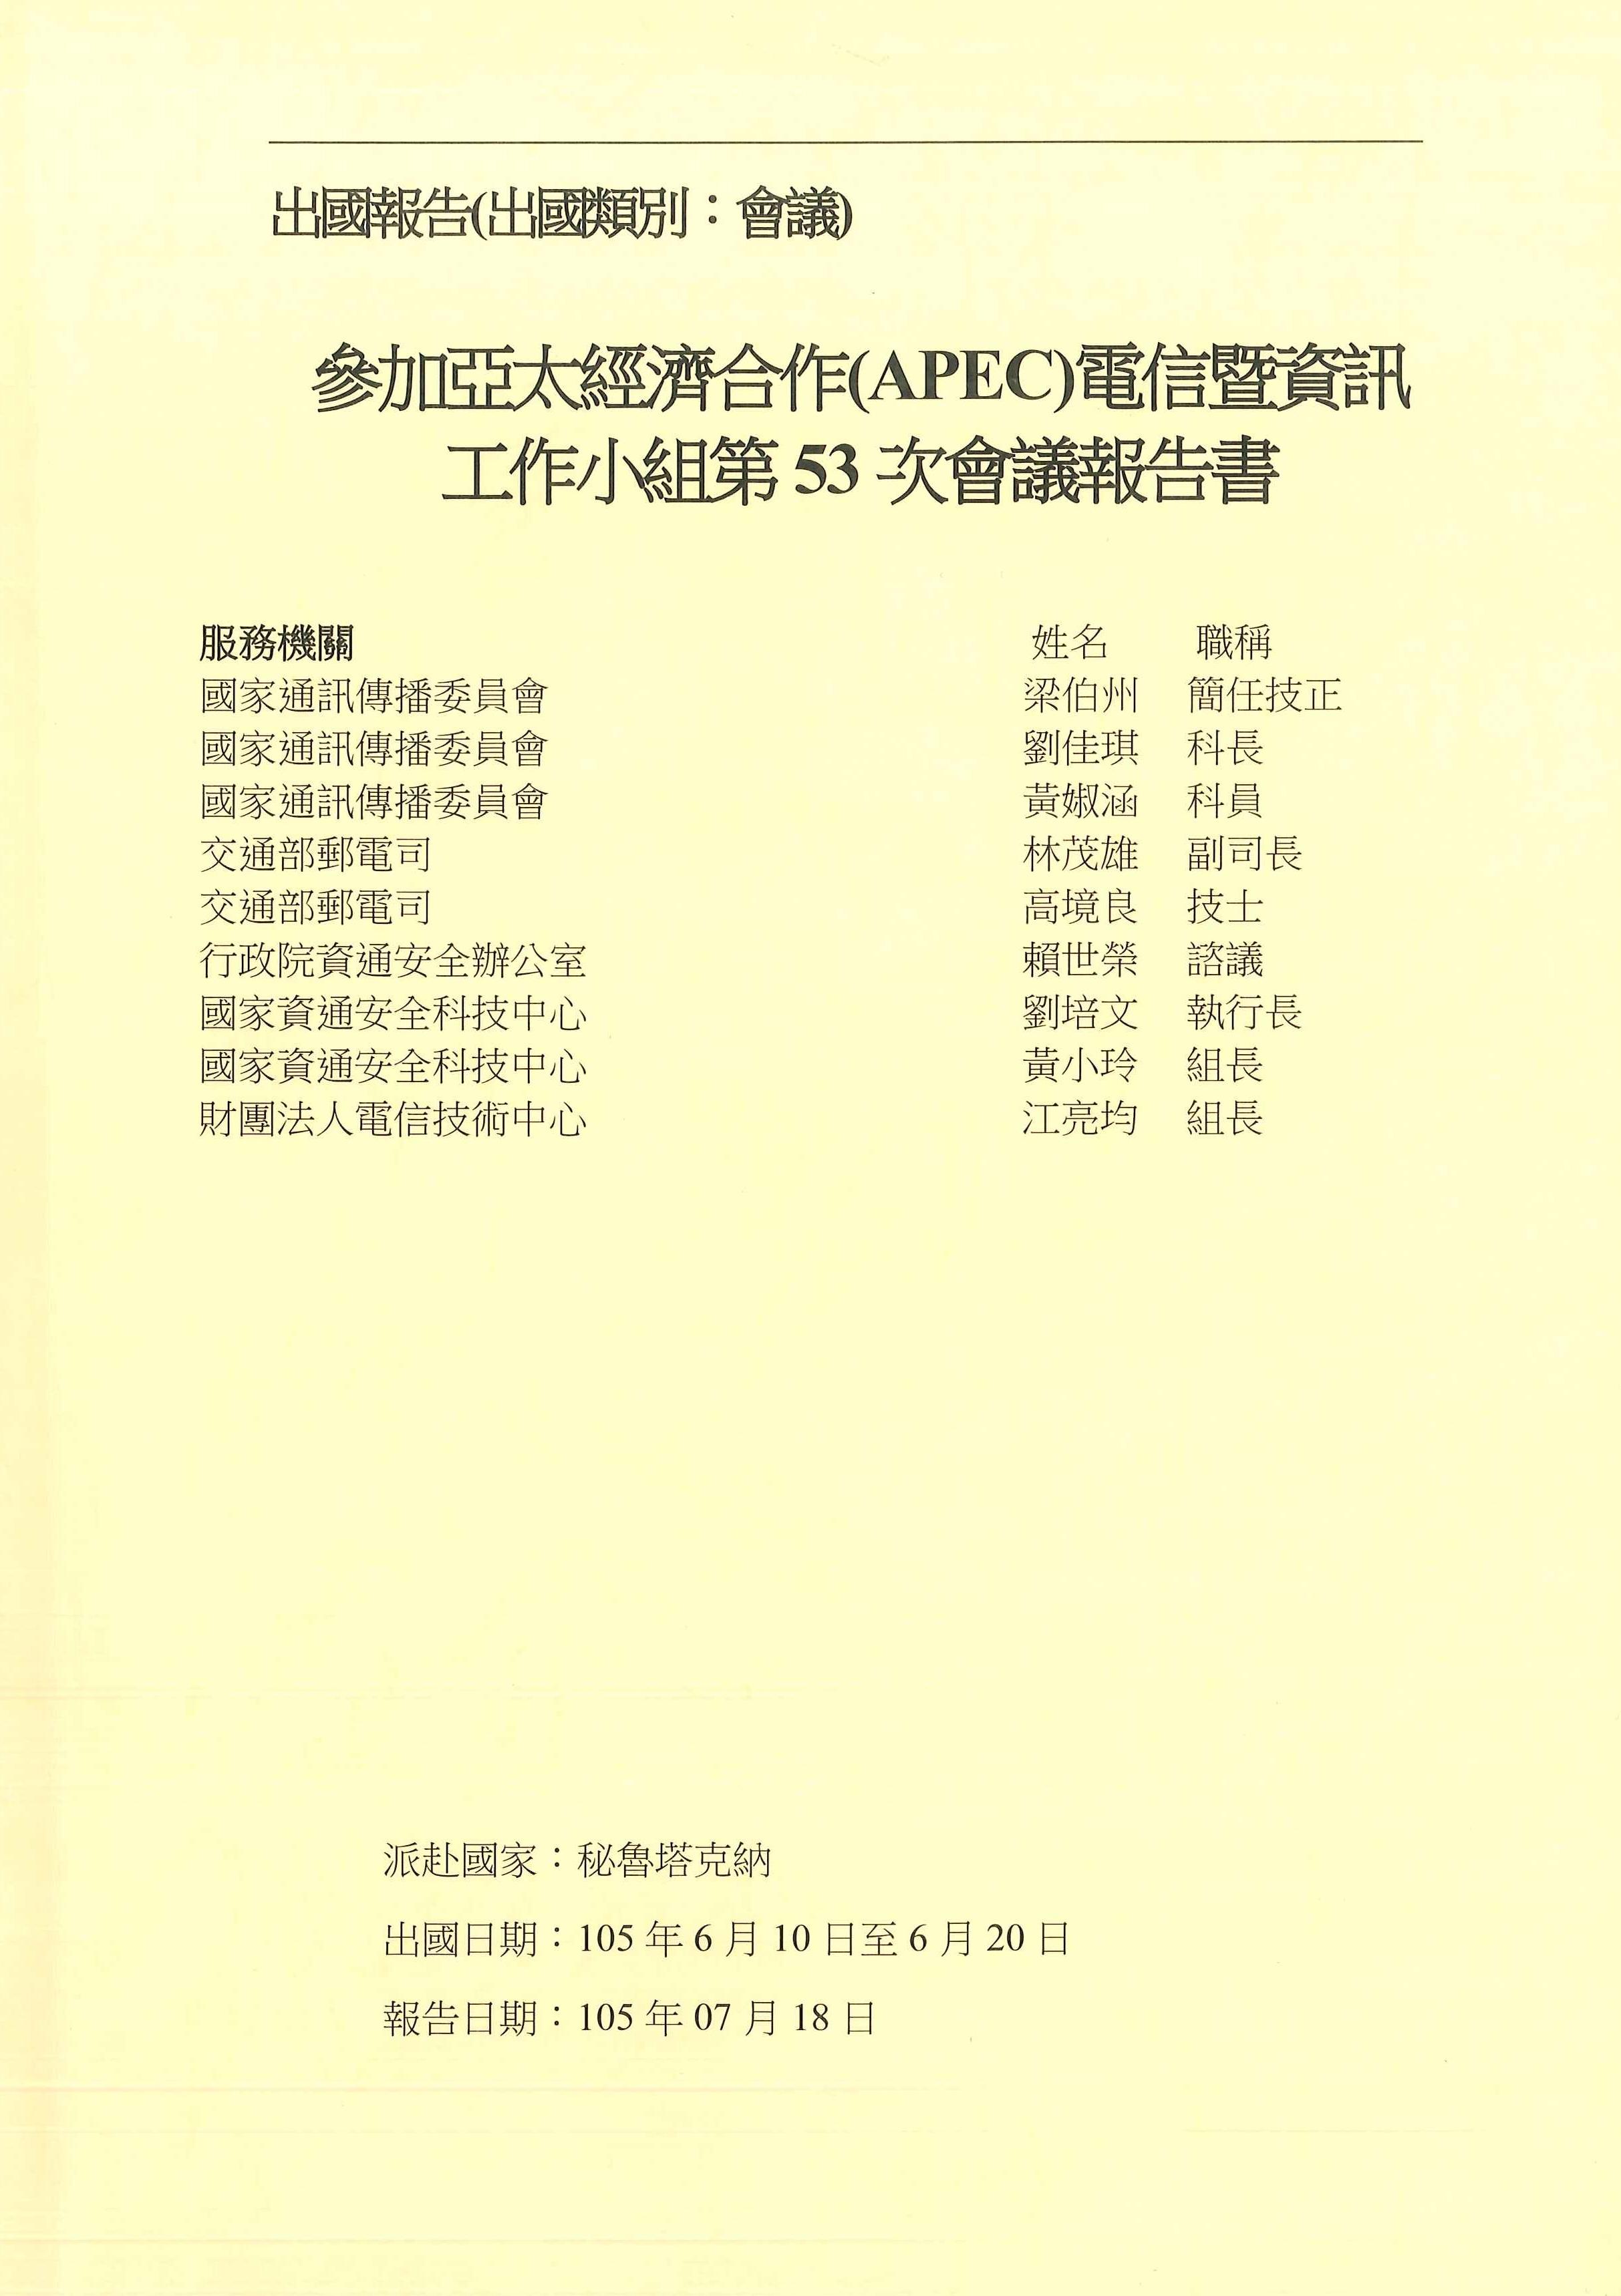 參加亞太經濟合作(APEC)電信暨資訊工作小組第53次會議報告書